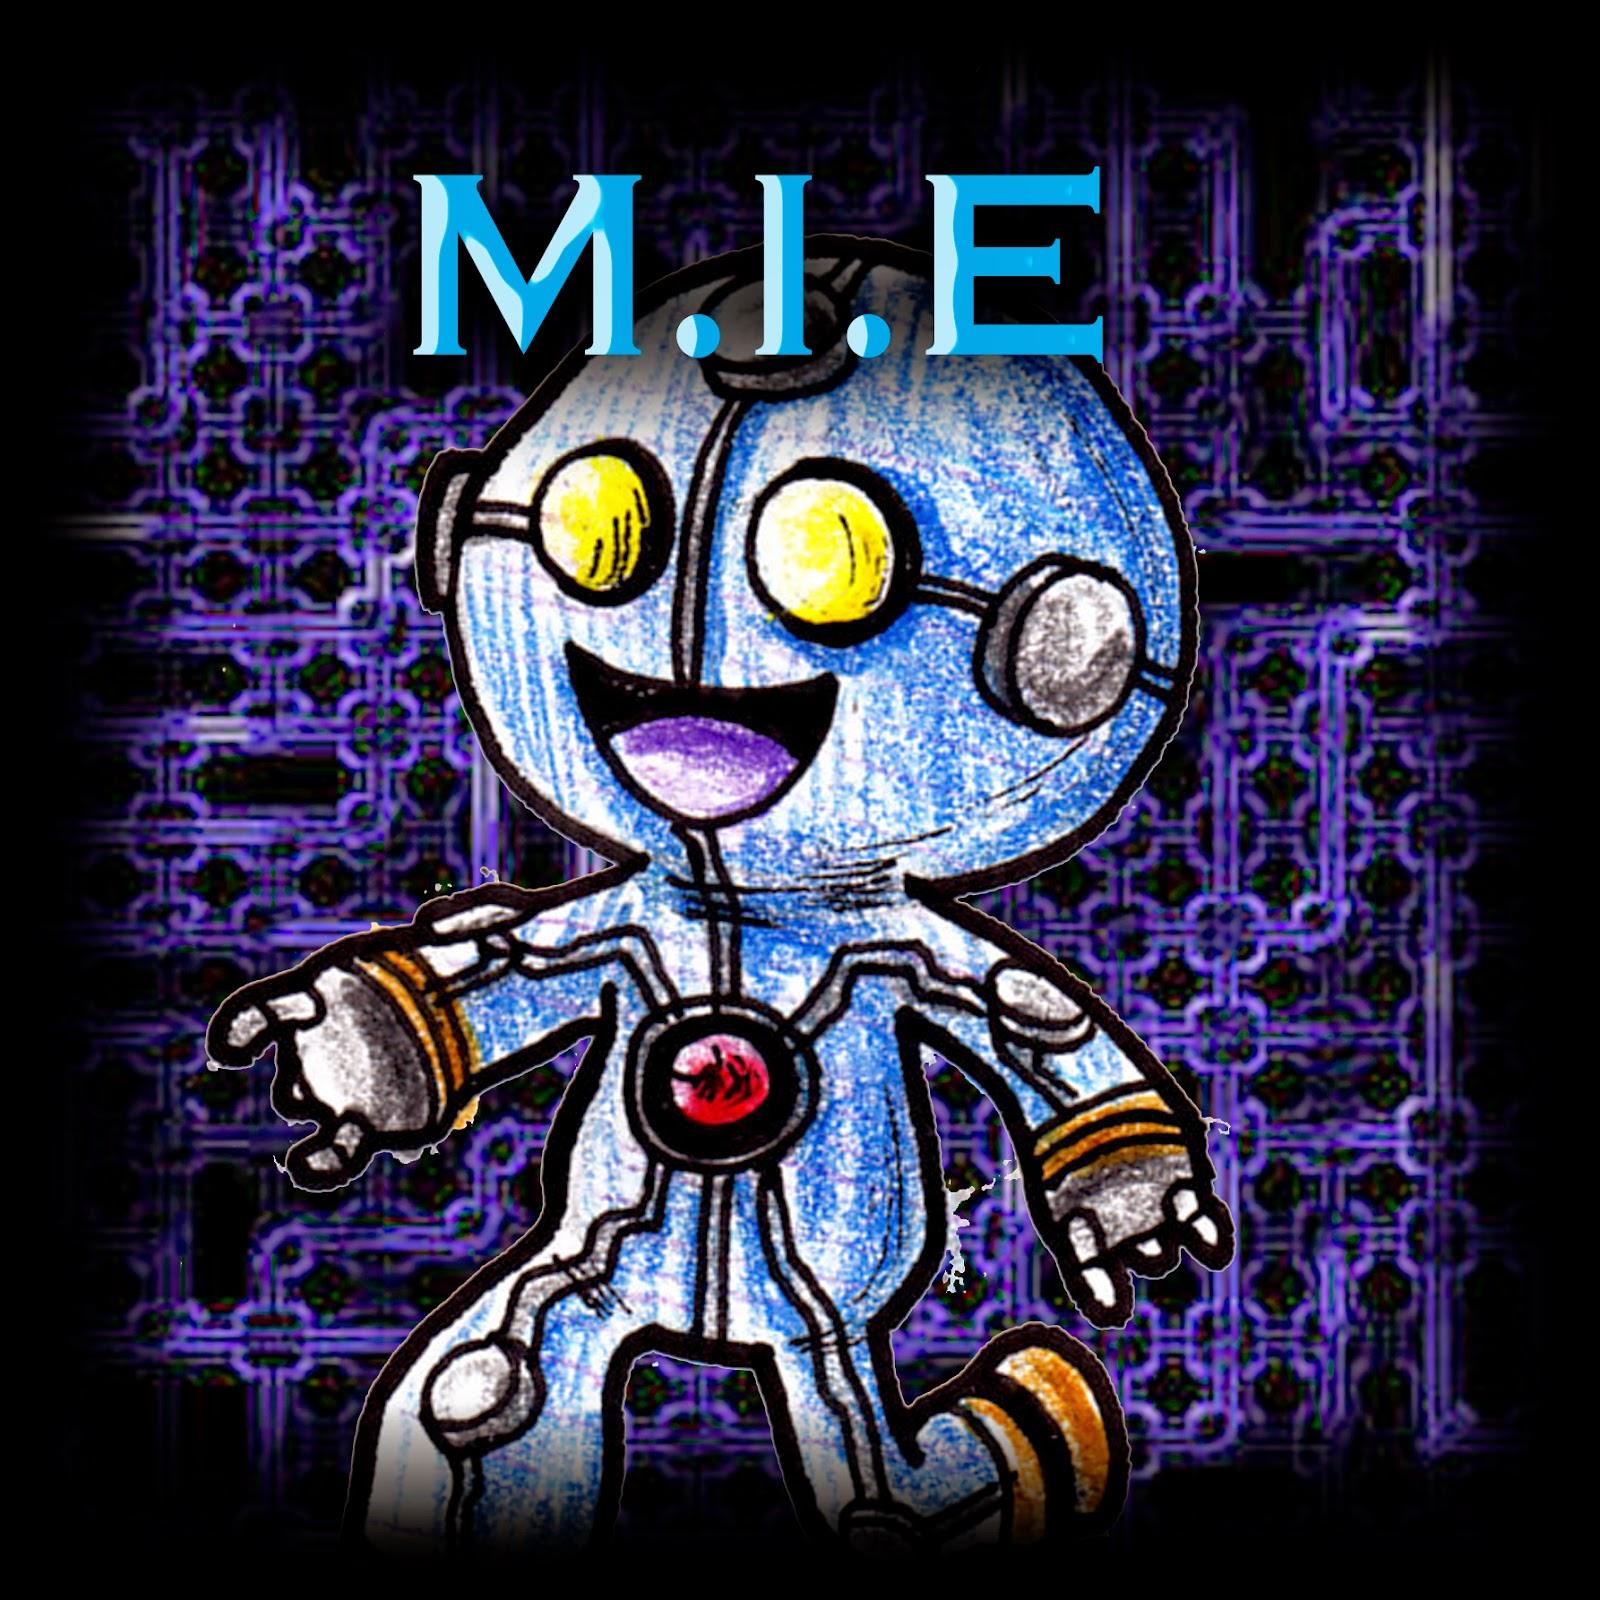 http://luisocs-comics.blogspot.com.es/p/mie.html